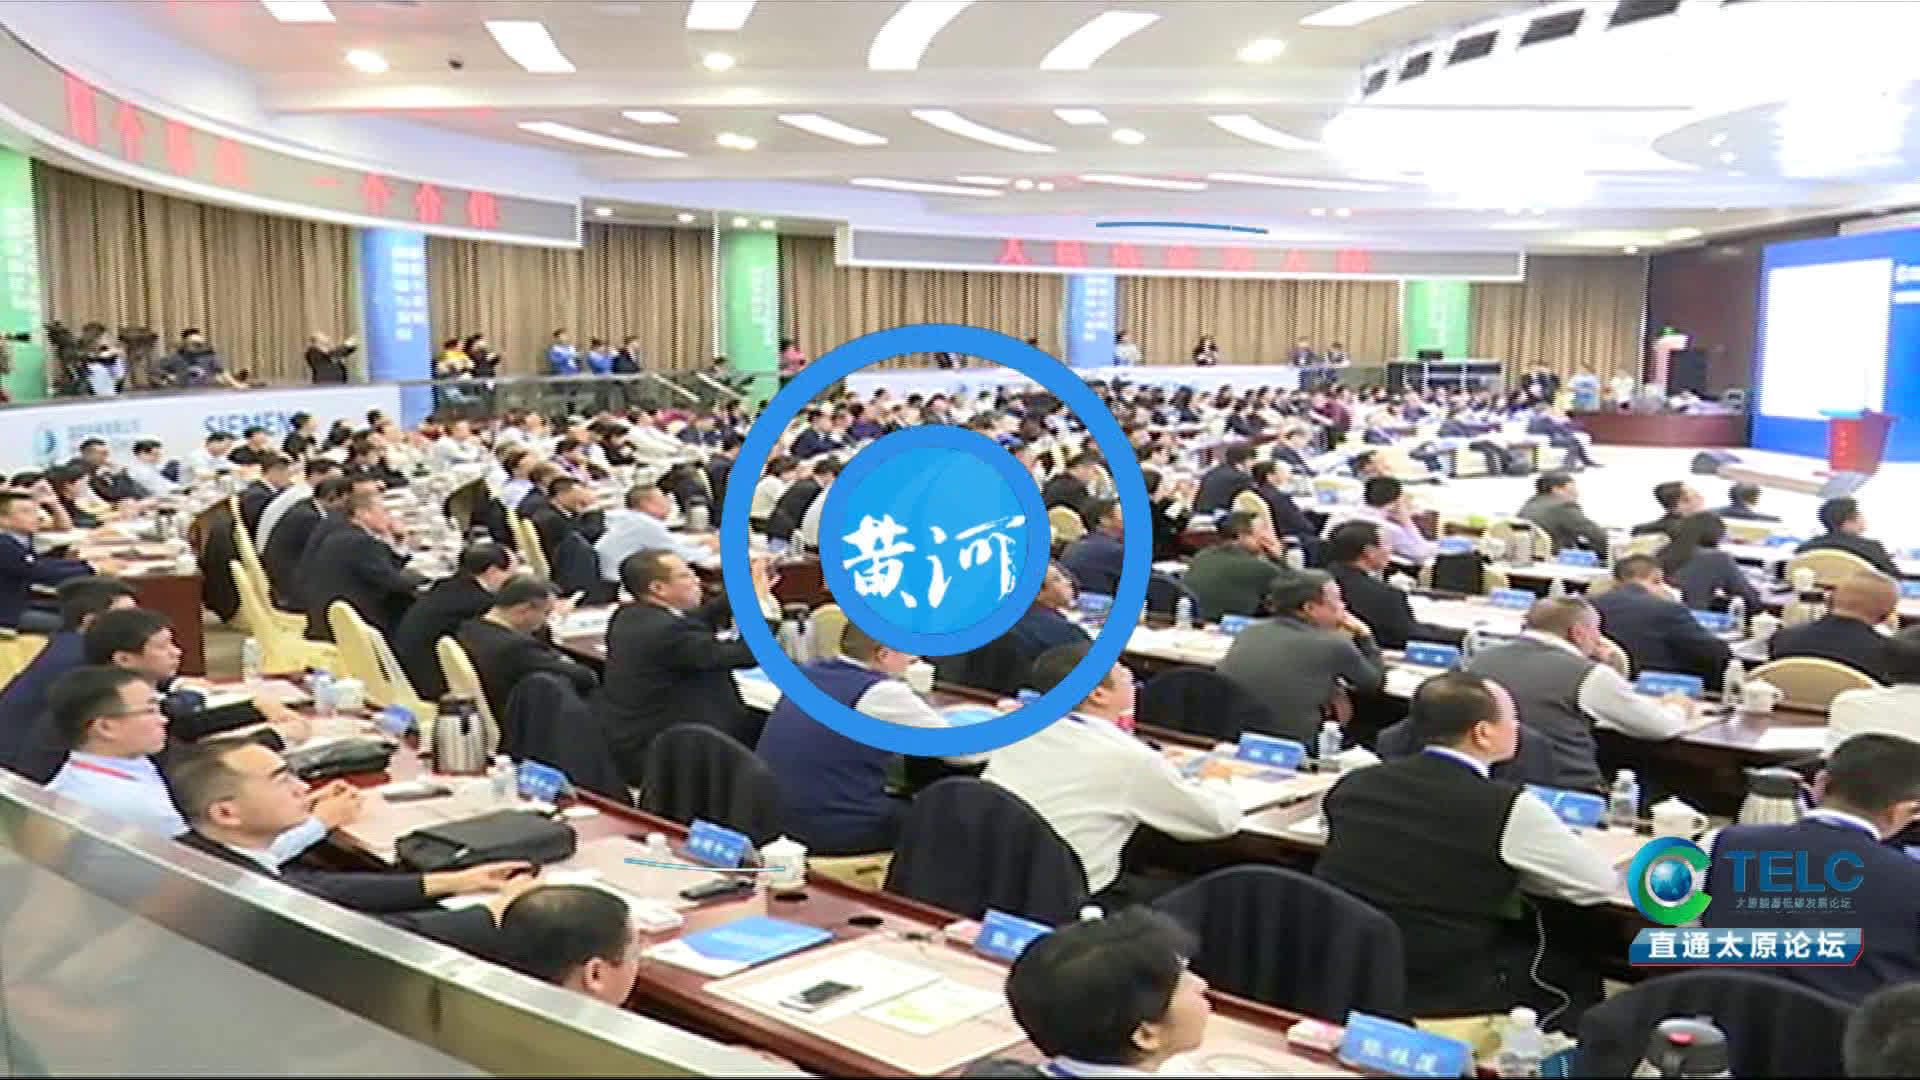 2019太原能源低碳发展论坛举办能源互联网创新与发展分论坛